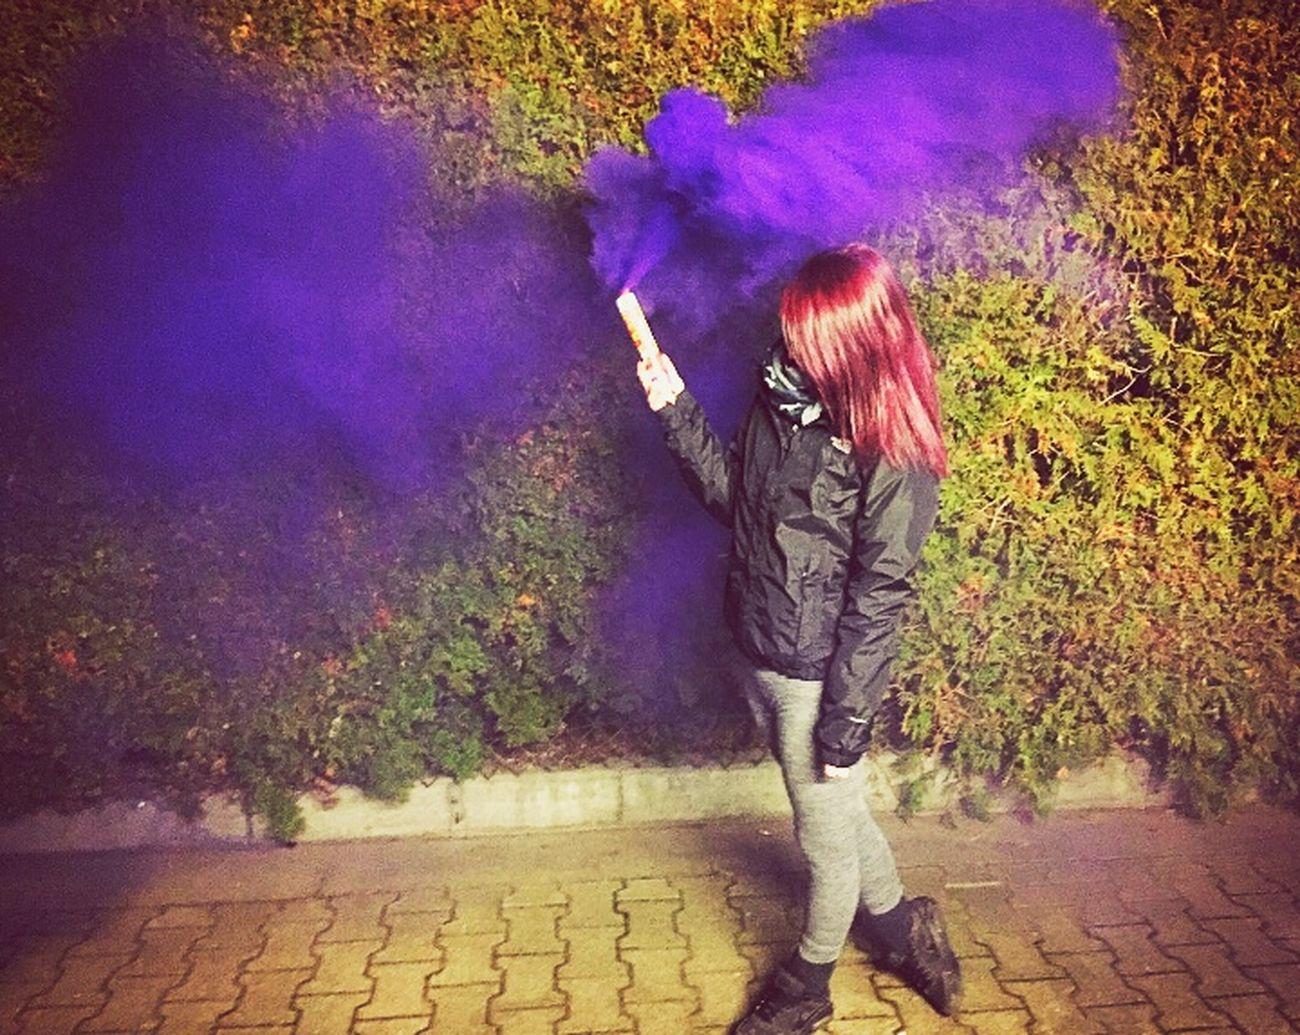 Purple Smoke Pyrotechnics